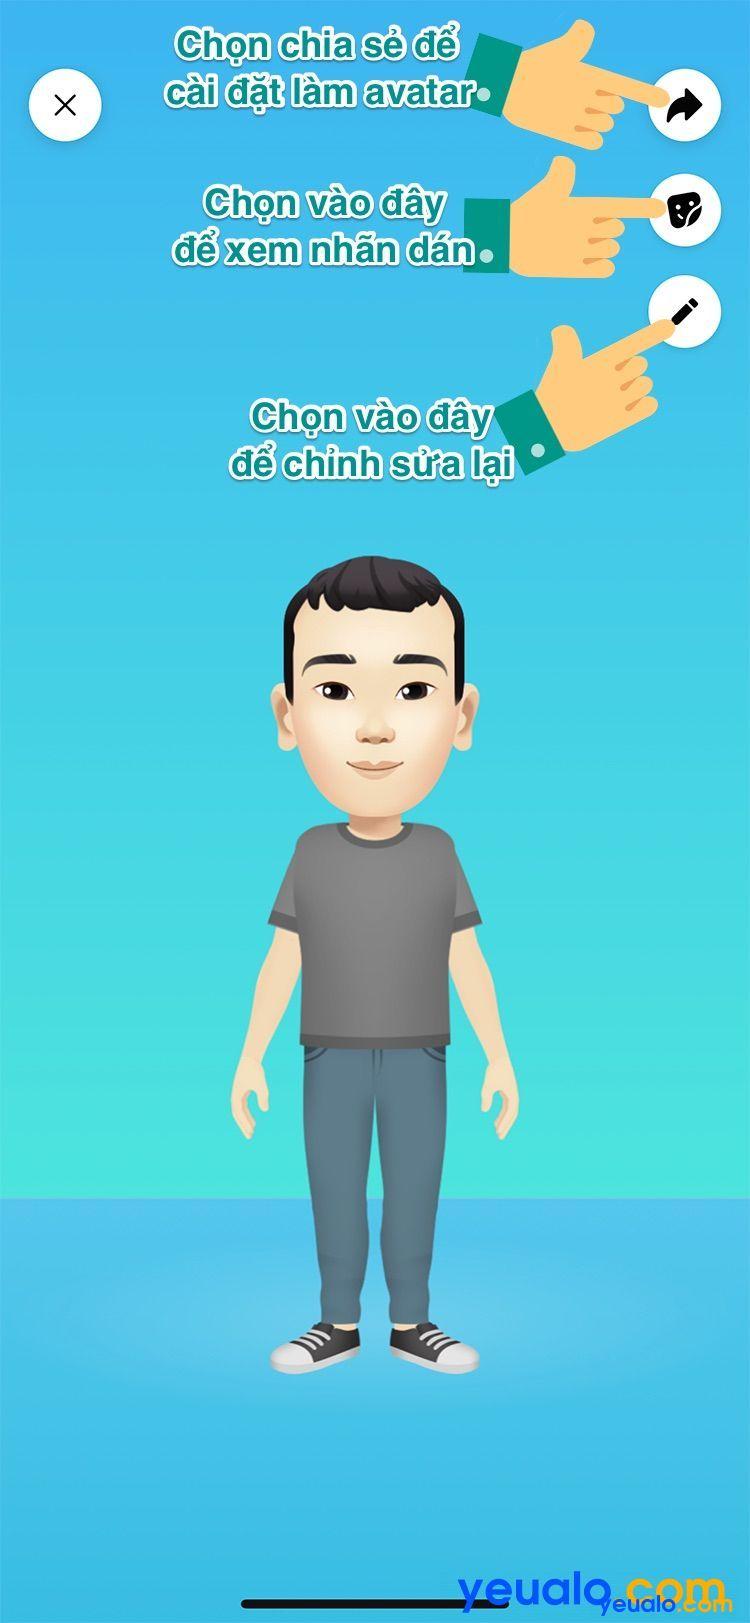 Cách làm avatar nhãn dán hoạt hình giống mình trên Facebook Messenger 9